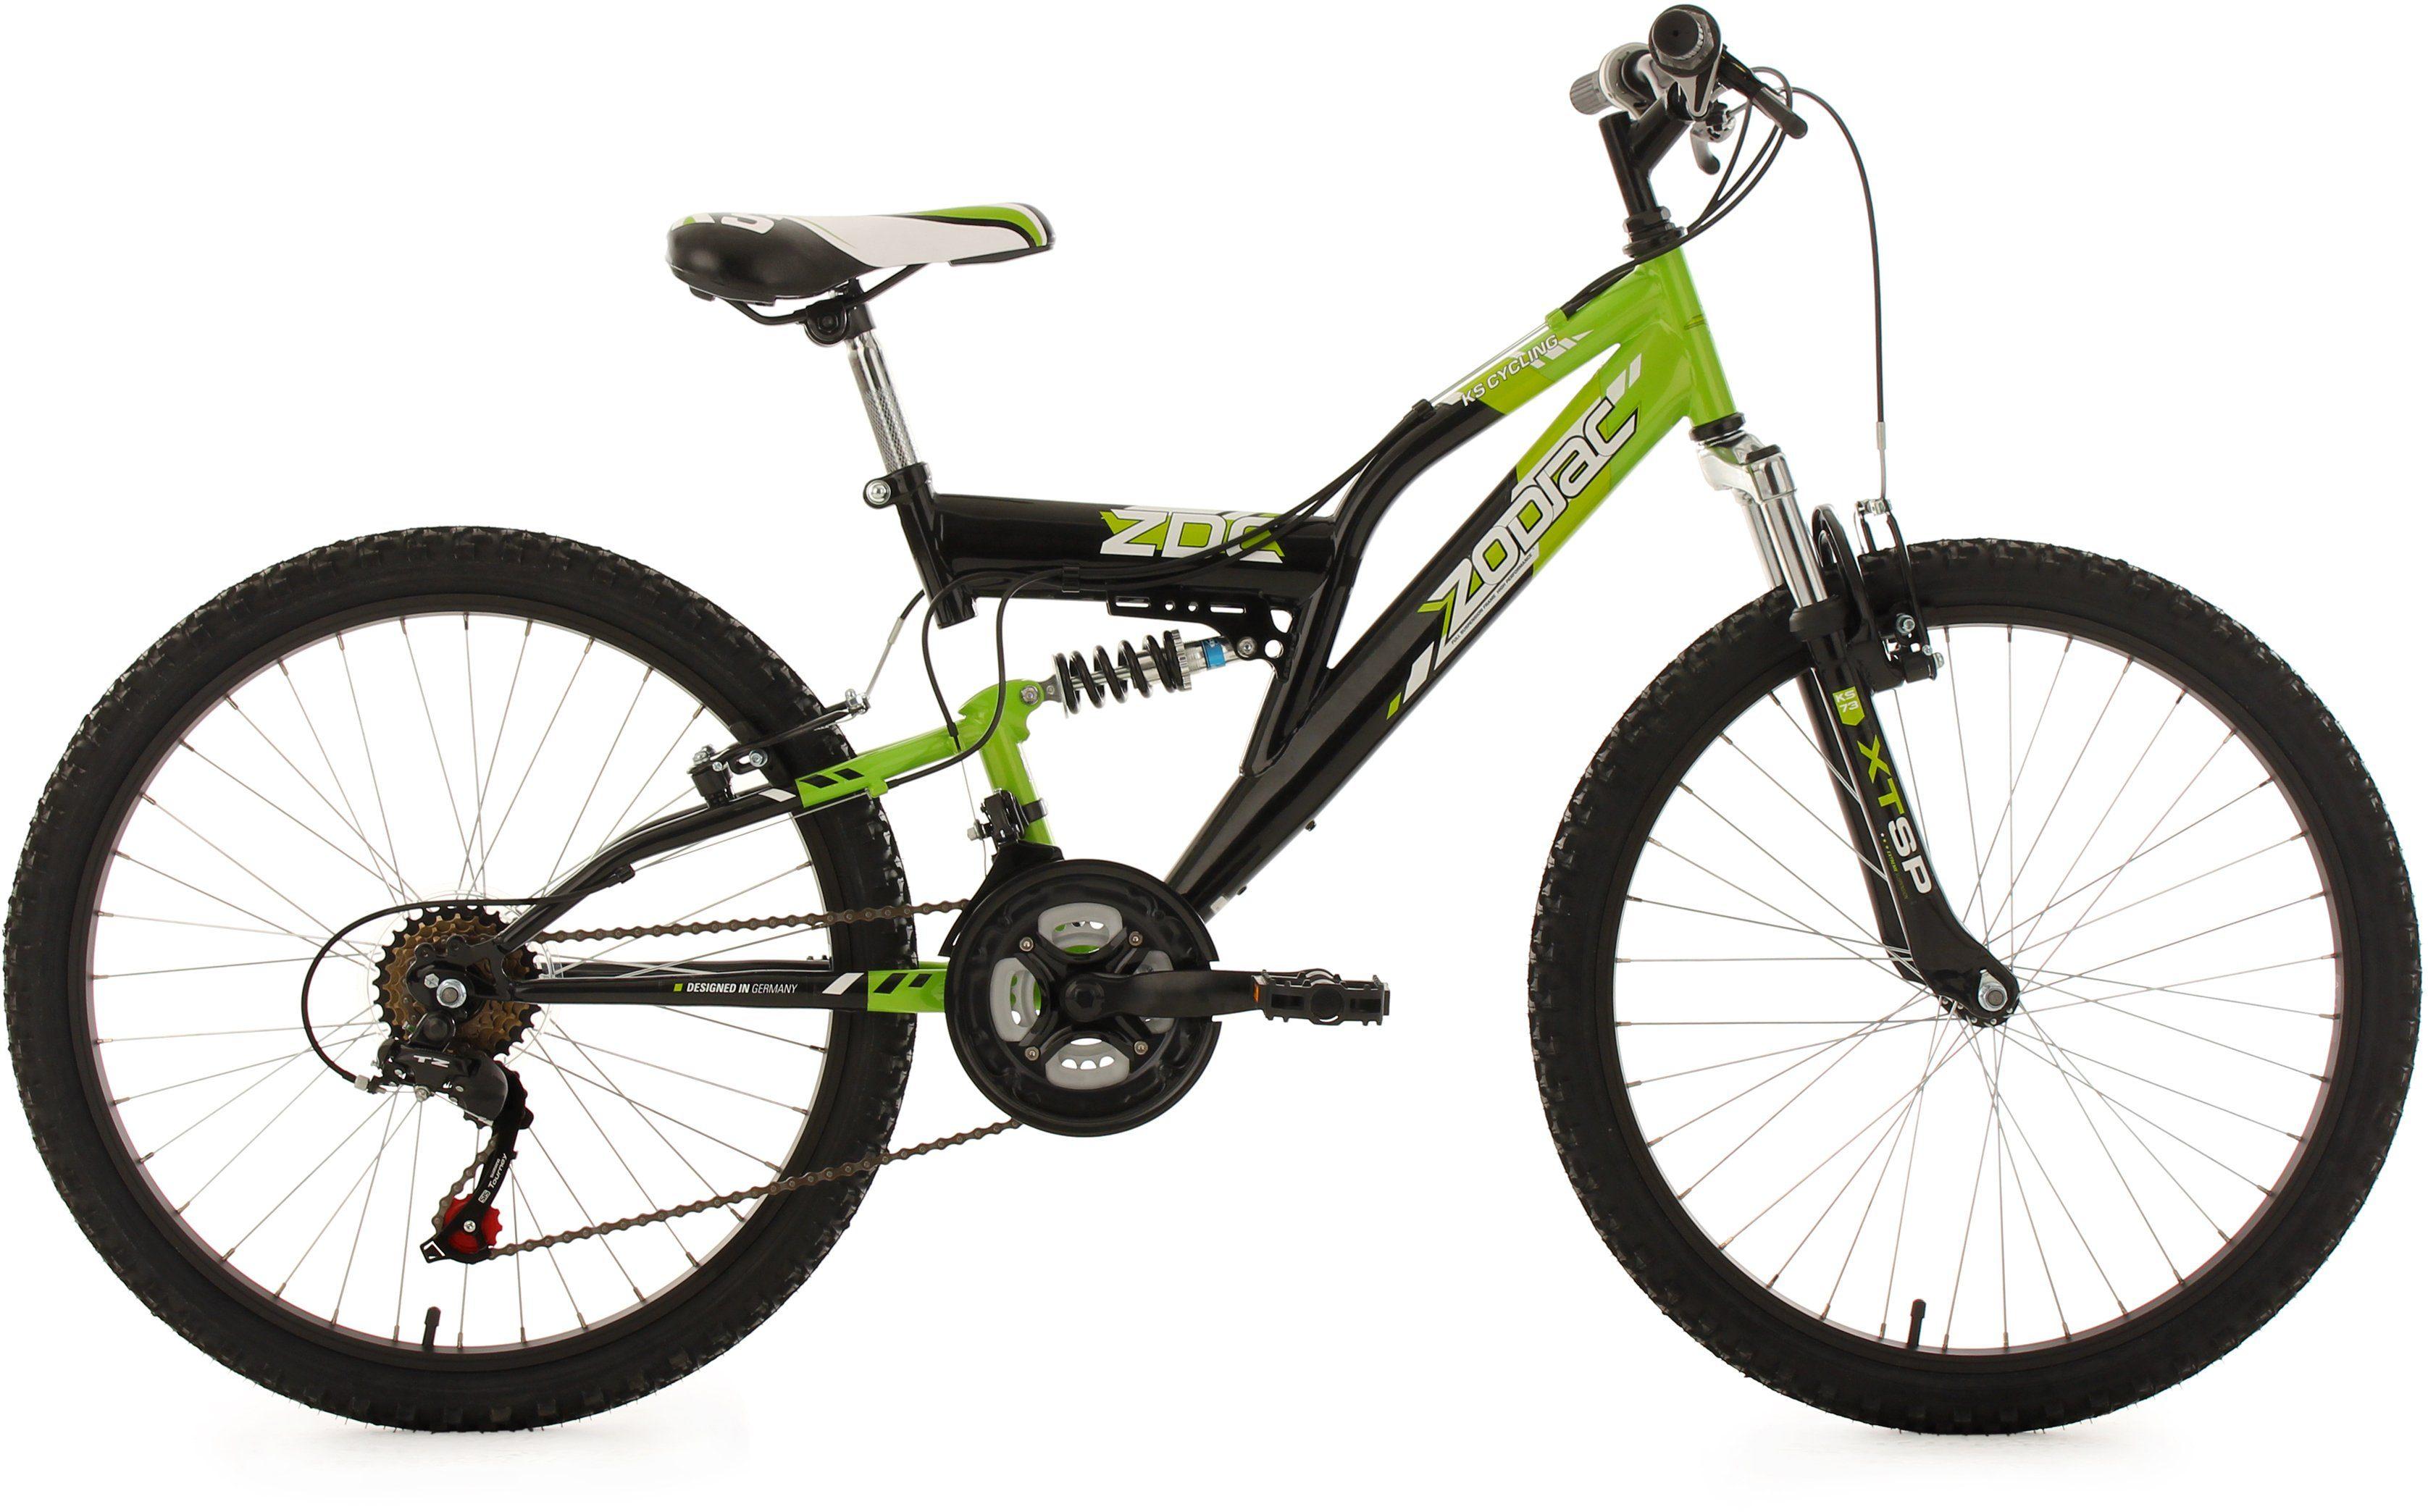 KS Cycling Fully Jugendmountainbike, 24 Zoll, schw.-grün, Shimano 18 G.-Kettenschaltung, »Zodiac«